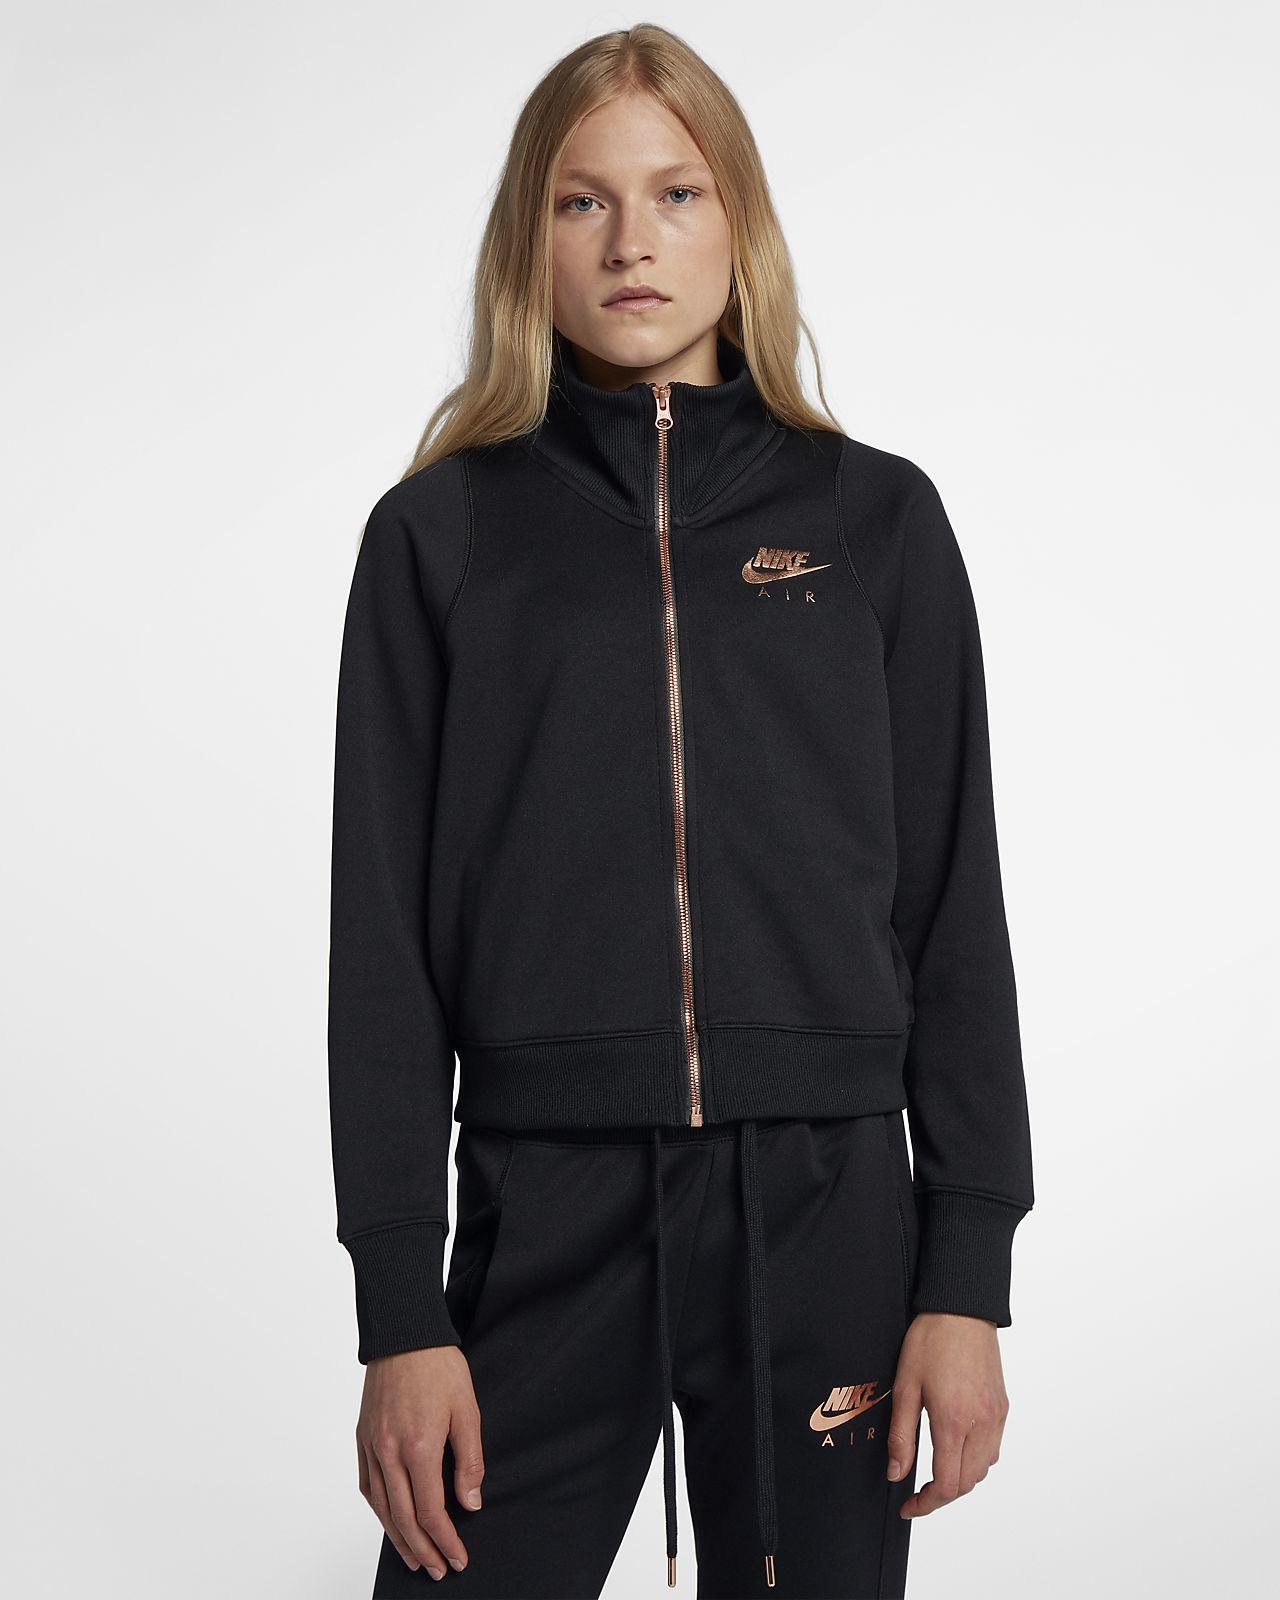 Nike Air N98 Women's Jacket